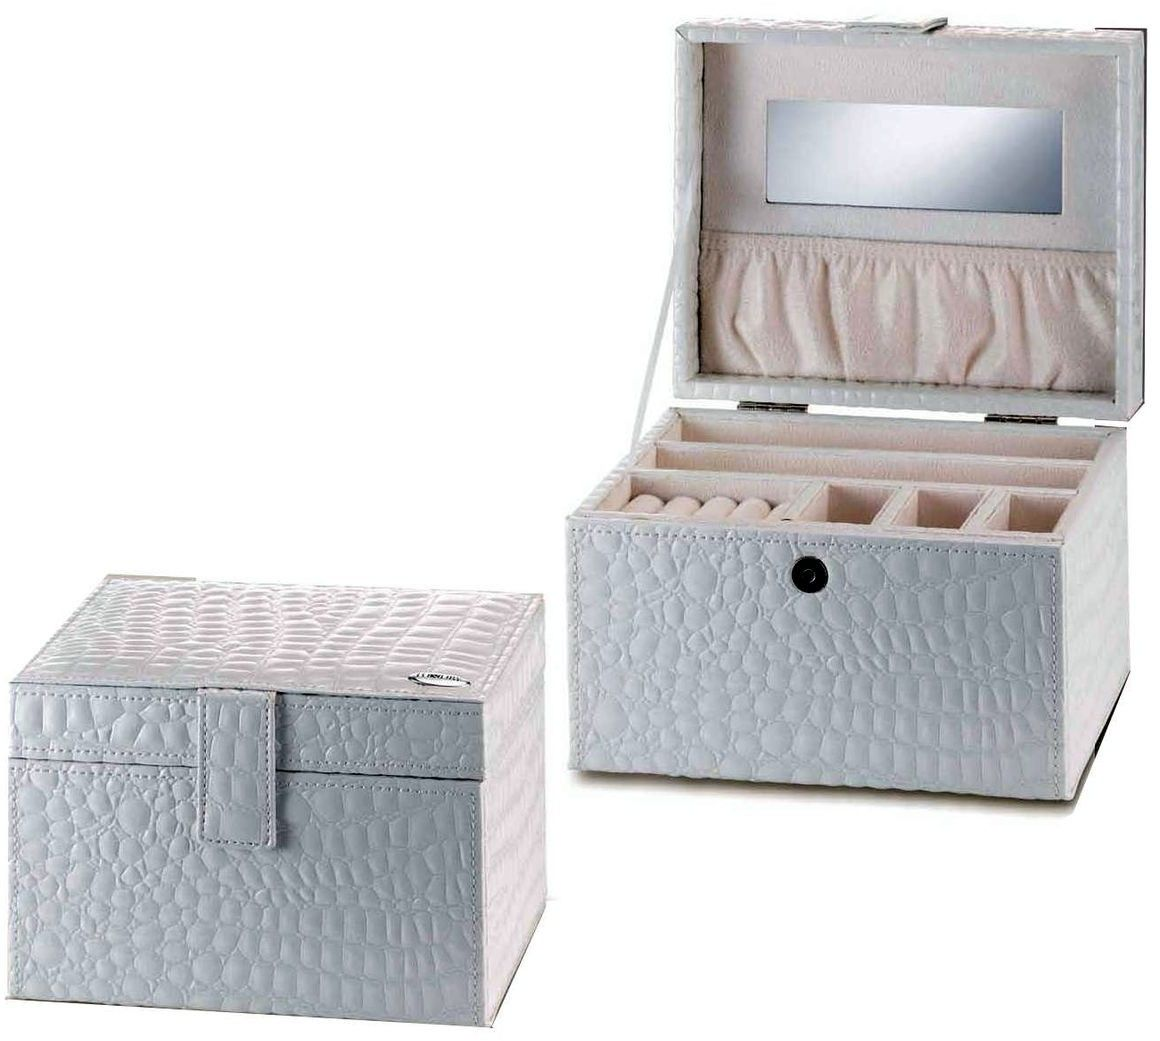 Ozdobna szkatułka na biżuterię Rozmiar: 20x16x13 cm SKU: VL40515